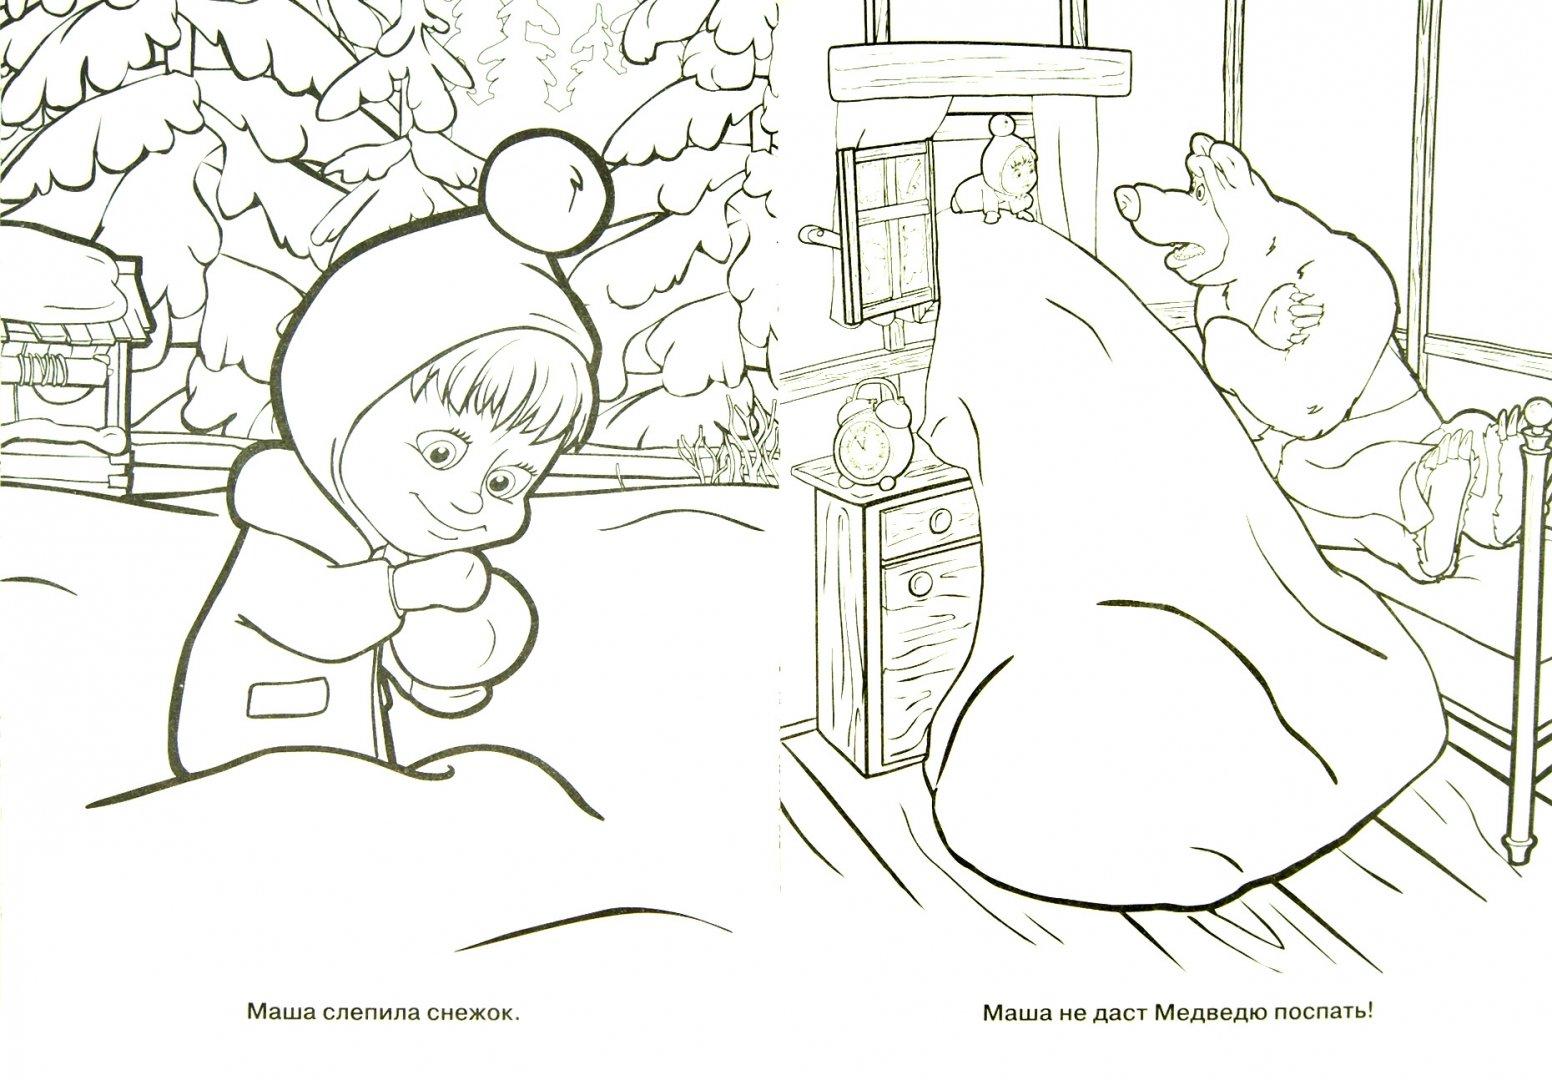 сэкономить картинки для раскраски маша и медведь в новый год виды одежды, роднящие